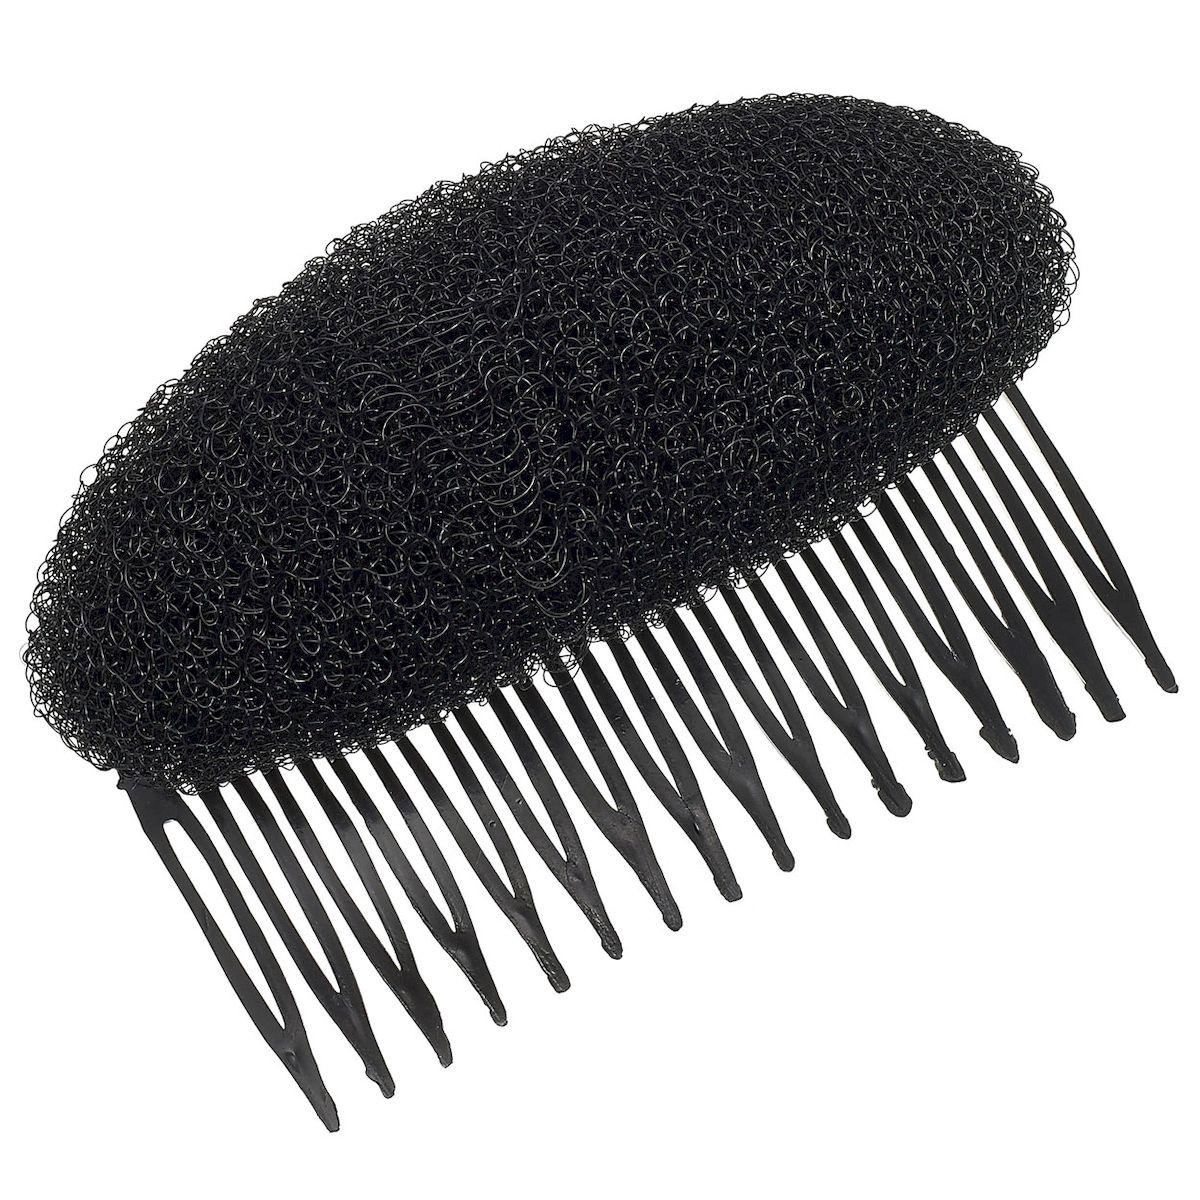 Magic Leverage Валик Гребешок, цвет: черныйSatin Hair 7 BR730MNВерхнее покрытие валика - нейлоновые волокна, имитирующих волос.Внутри - нейлоновая сетка для легкости ношения и удобства фиксирования шпильками в прическе.Цвета: блондин, брюнет, коричневый.